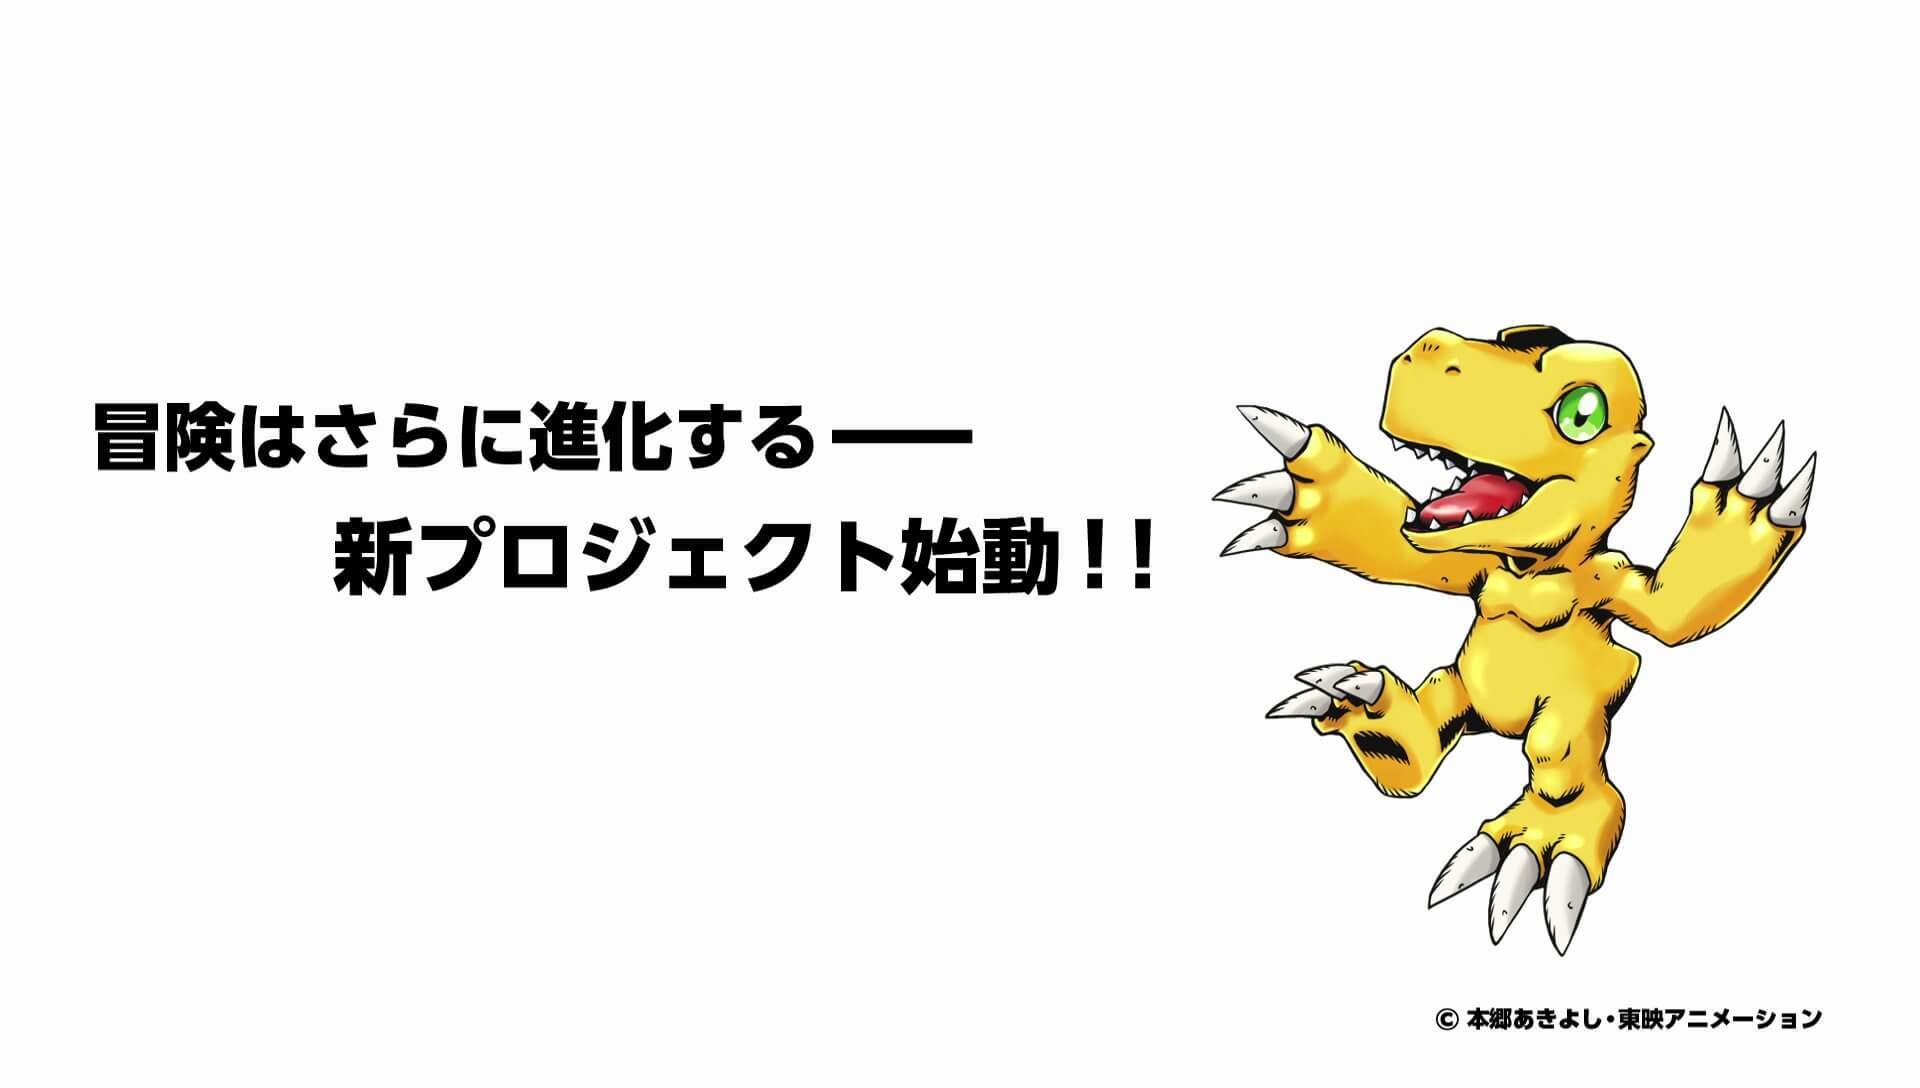 Hiroyuki Kakudou renunció a trabajar en el nuevo proyecto digimon.